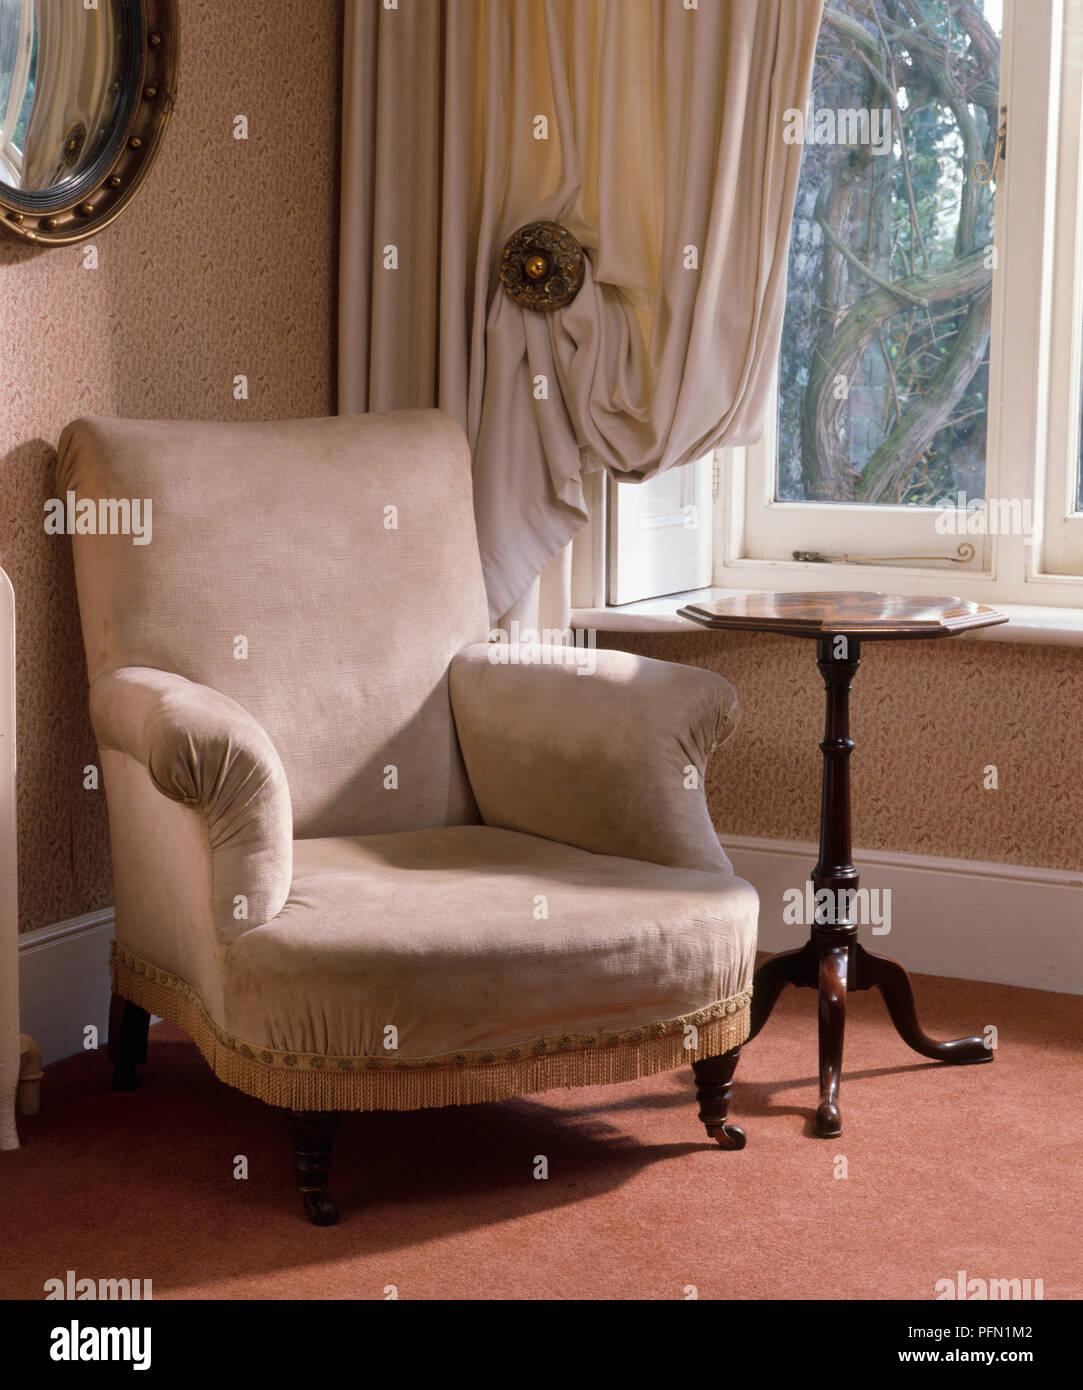 Cremefarbene Sessel Mit Beistelltisch In Der Ecke Des Zimmers Durch